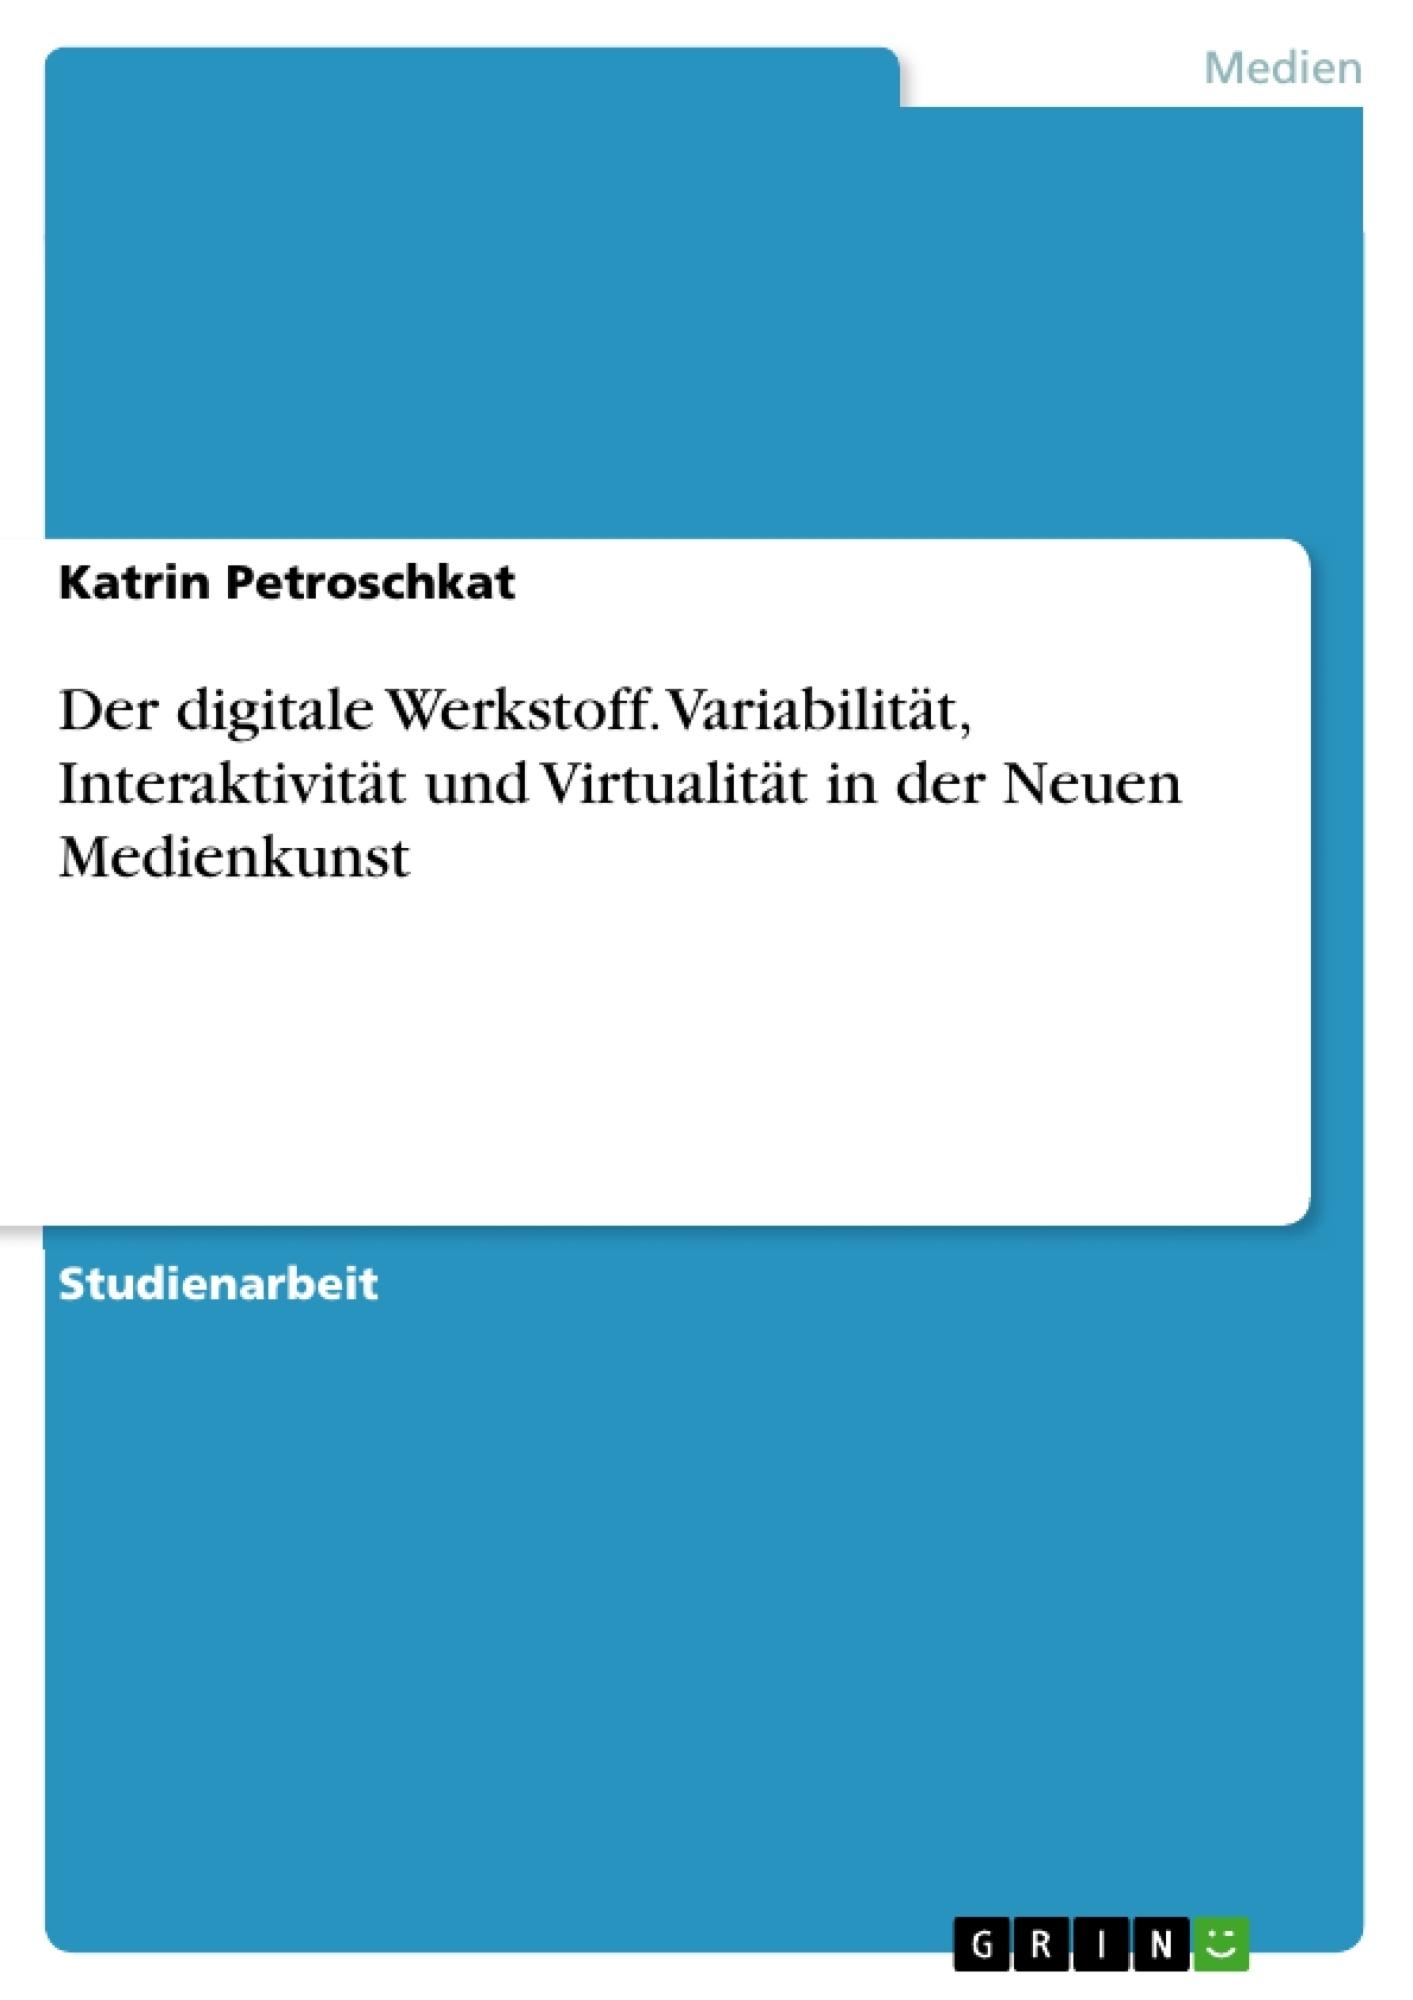 Titel: Der digitale Werkstoff. Variabilität, Interaktivität und Virtualität in der Neuen Medienkunst